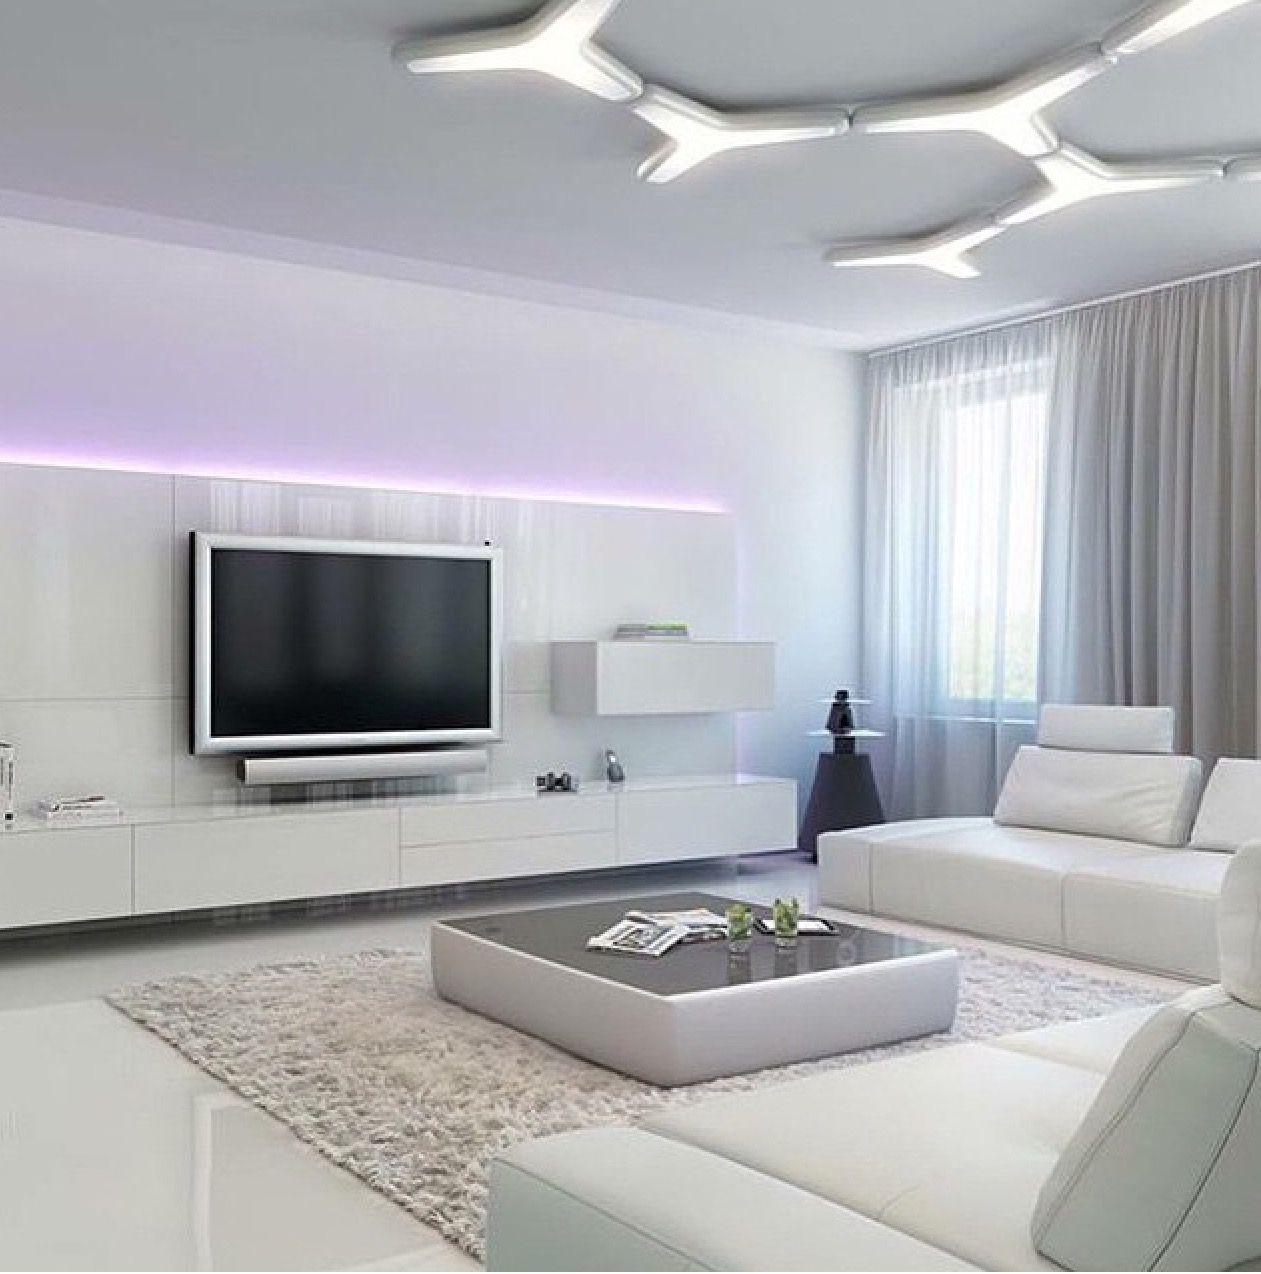 pinaakanksha kirve on home sweet home  ceiling design